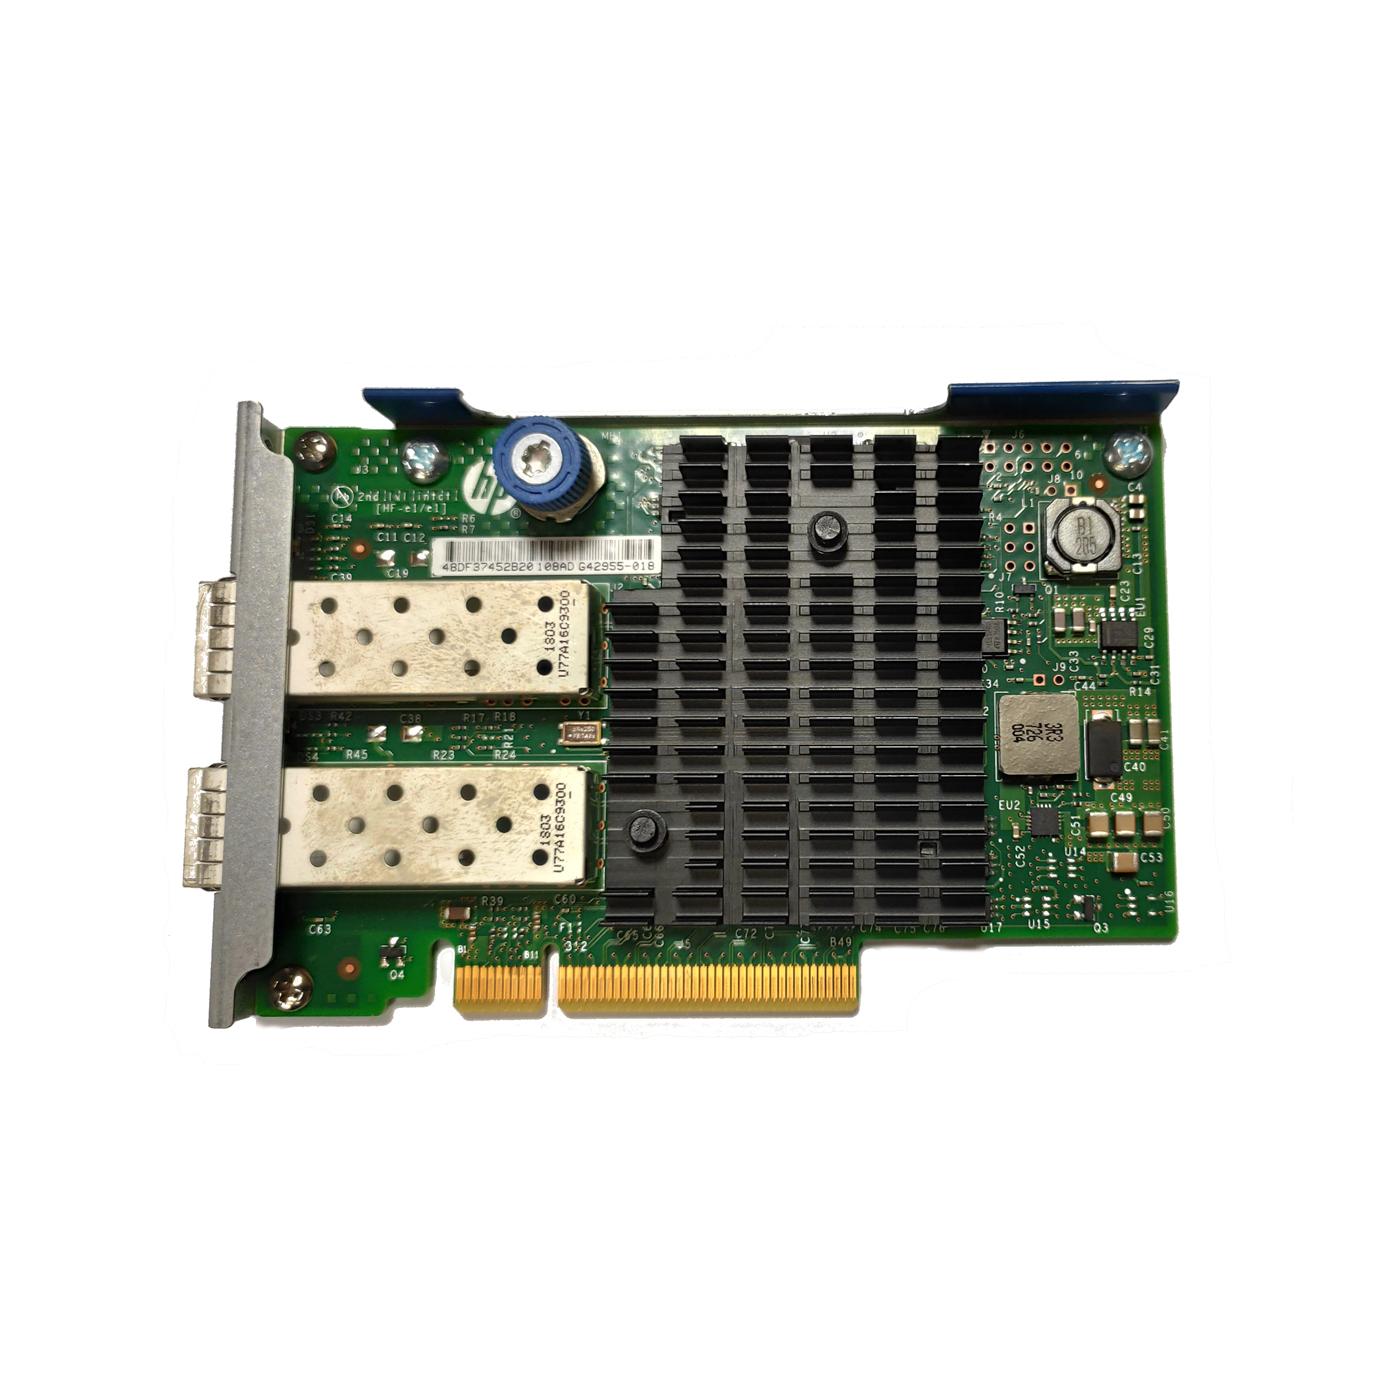 کارت شبکه PCI Express اچ پی مدل 560FLR